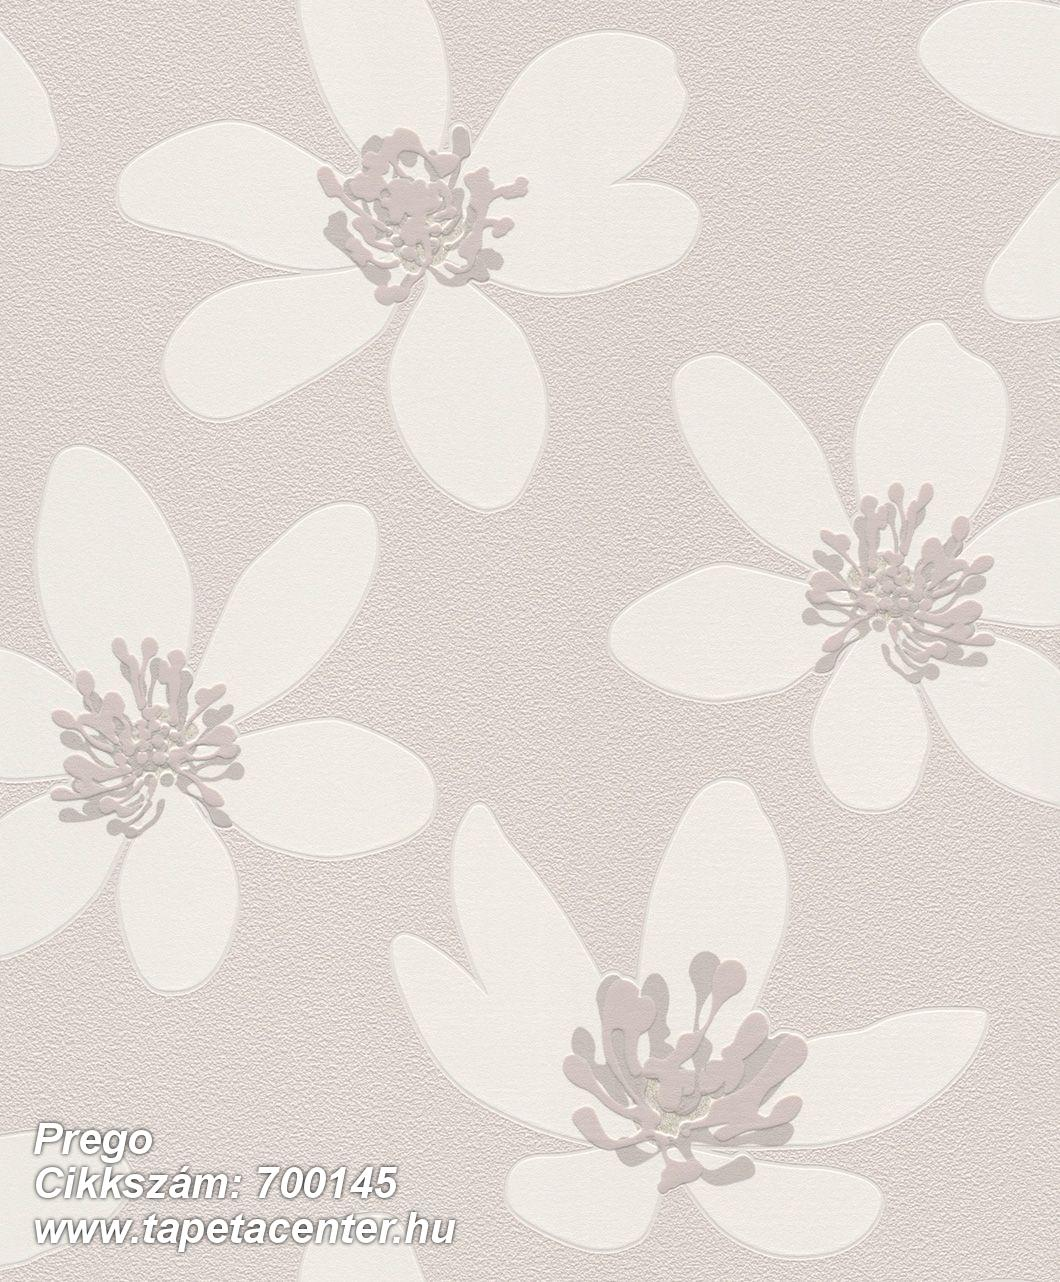 Gyerek,különleges felületű,természeti mintás,virágmintás,bézs-drapp,fehér,lemosható,vlies tapéta